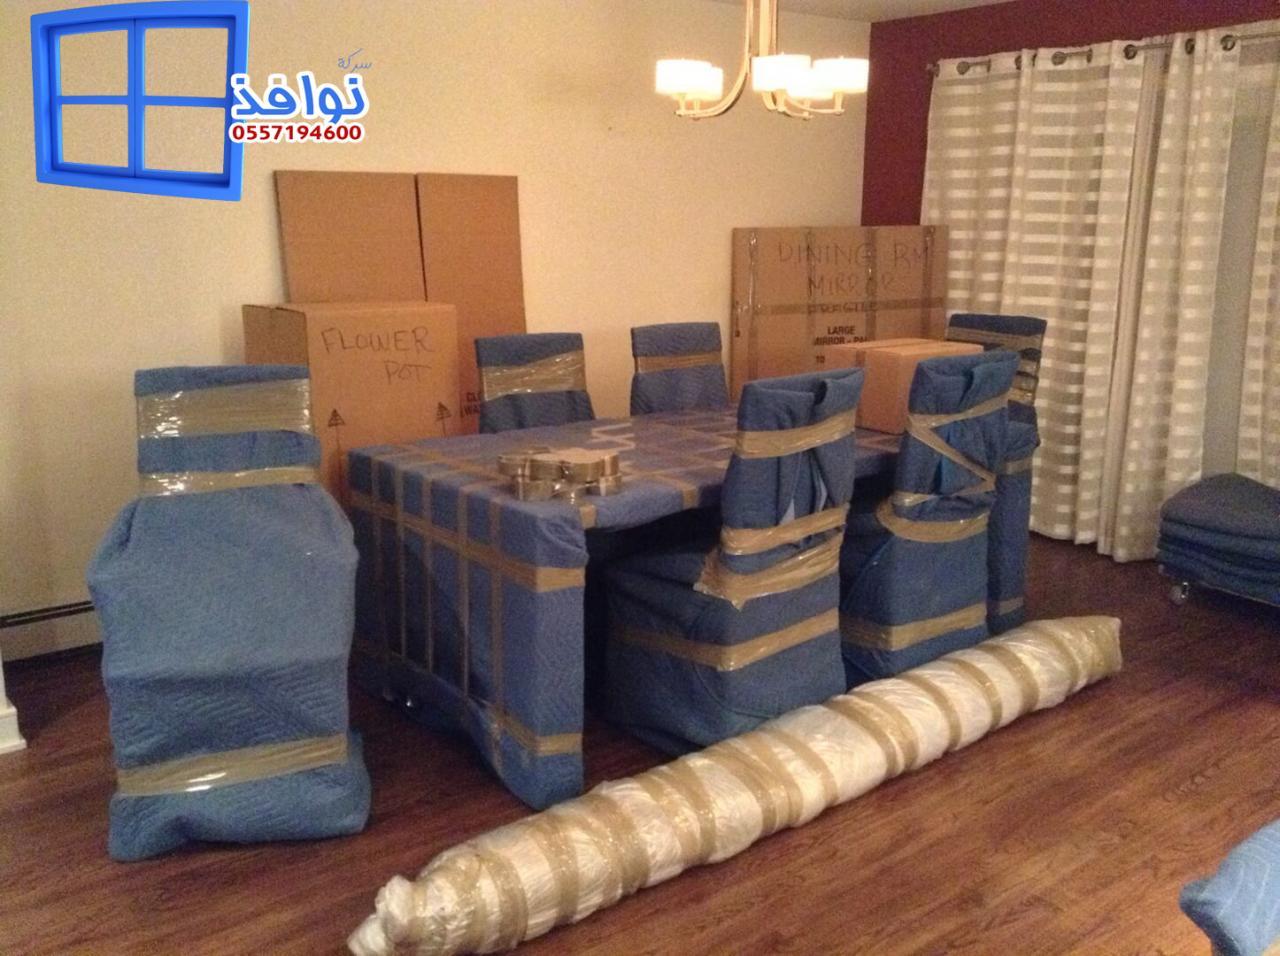 صورة شركة نقل عفش بخميس مشيط , خدمات متميزه تقدمها شركات نقل العفش